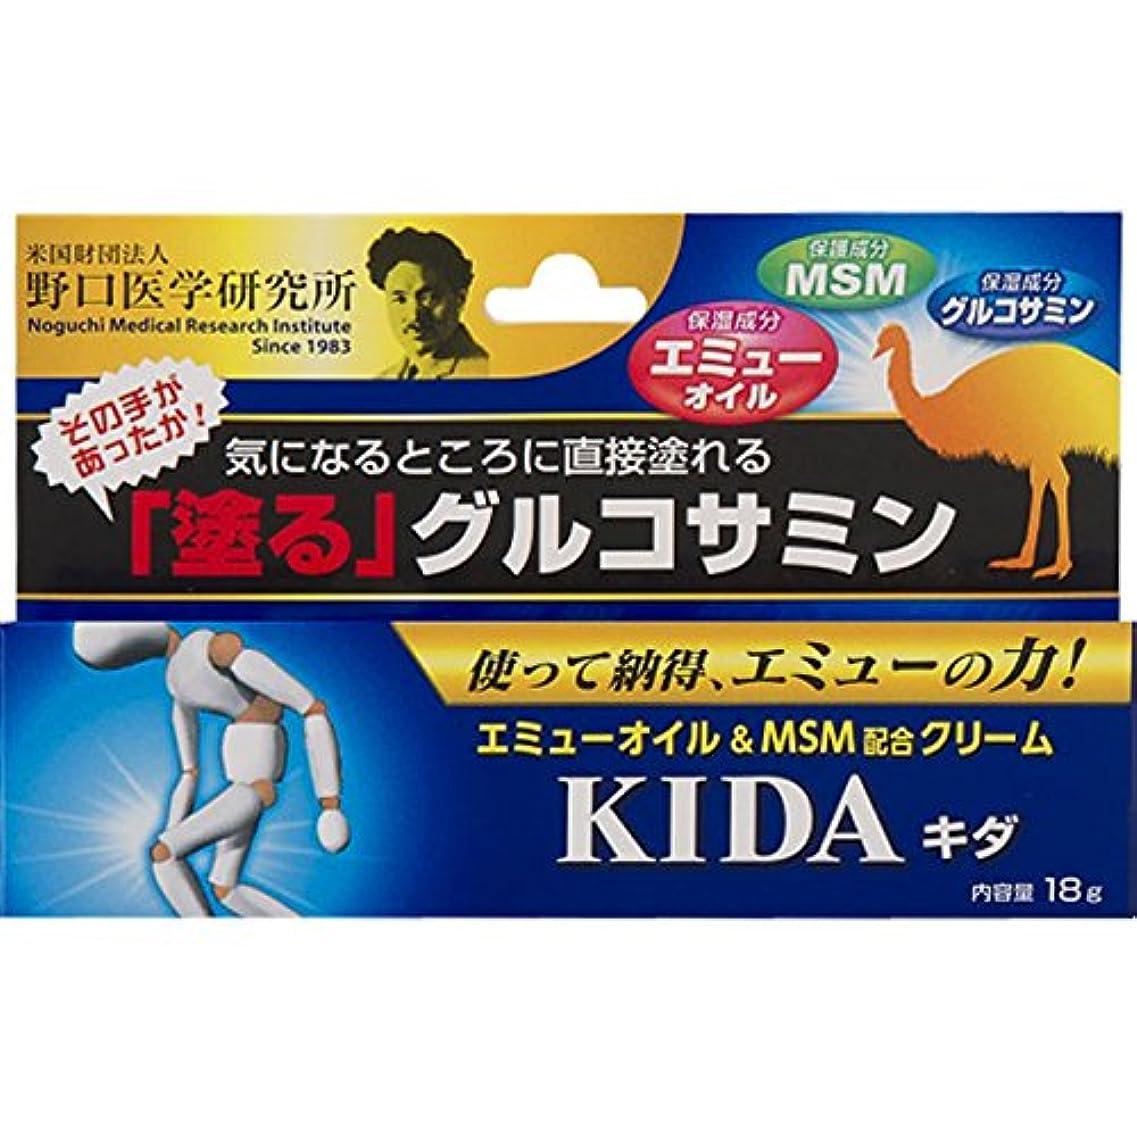 森タービン荒れ地キダ エミューオイル&MSM配合クリーム(18g)